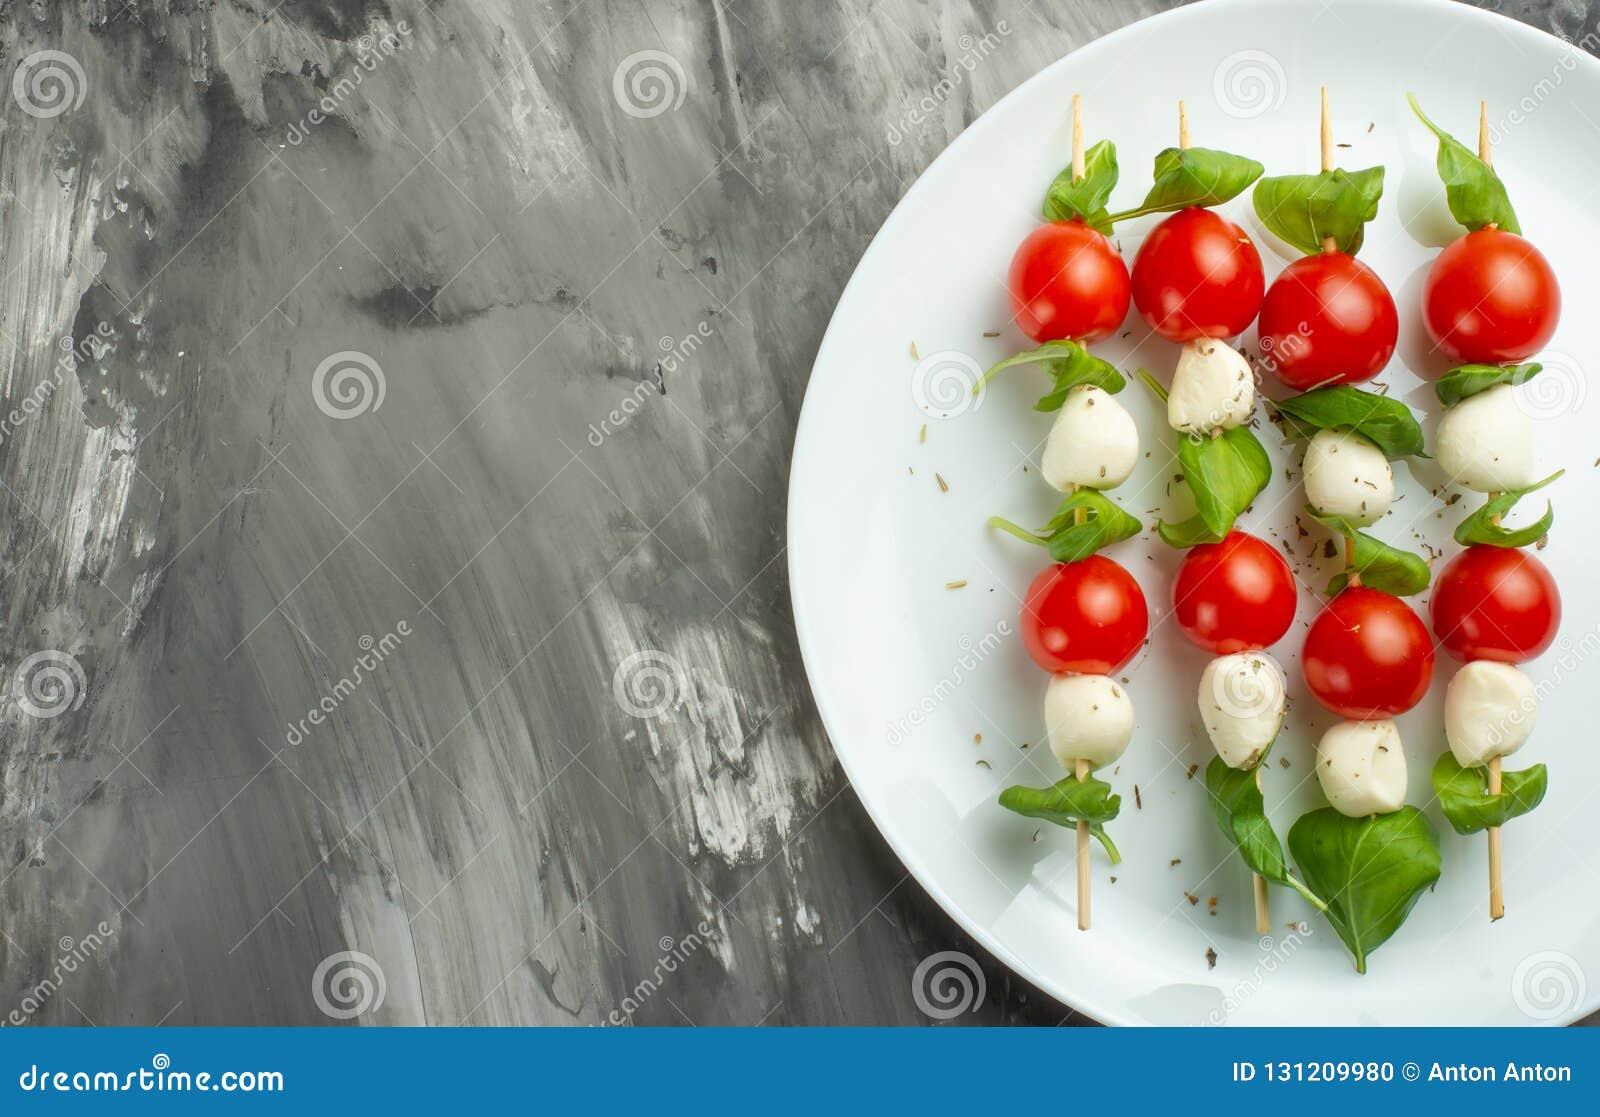 Σαλάτα Caprese - shish kebab με την ντομάτα, τη μοτσαρέλα και το βασιλικό, την ιταλική κουζίνα και μια υγιεινή χορτοφάγο διατροφή